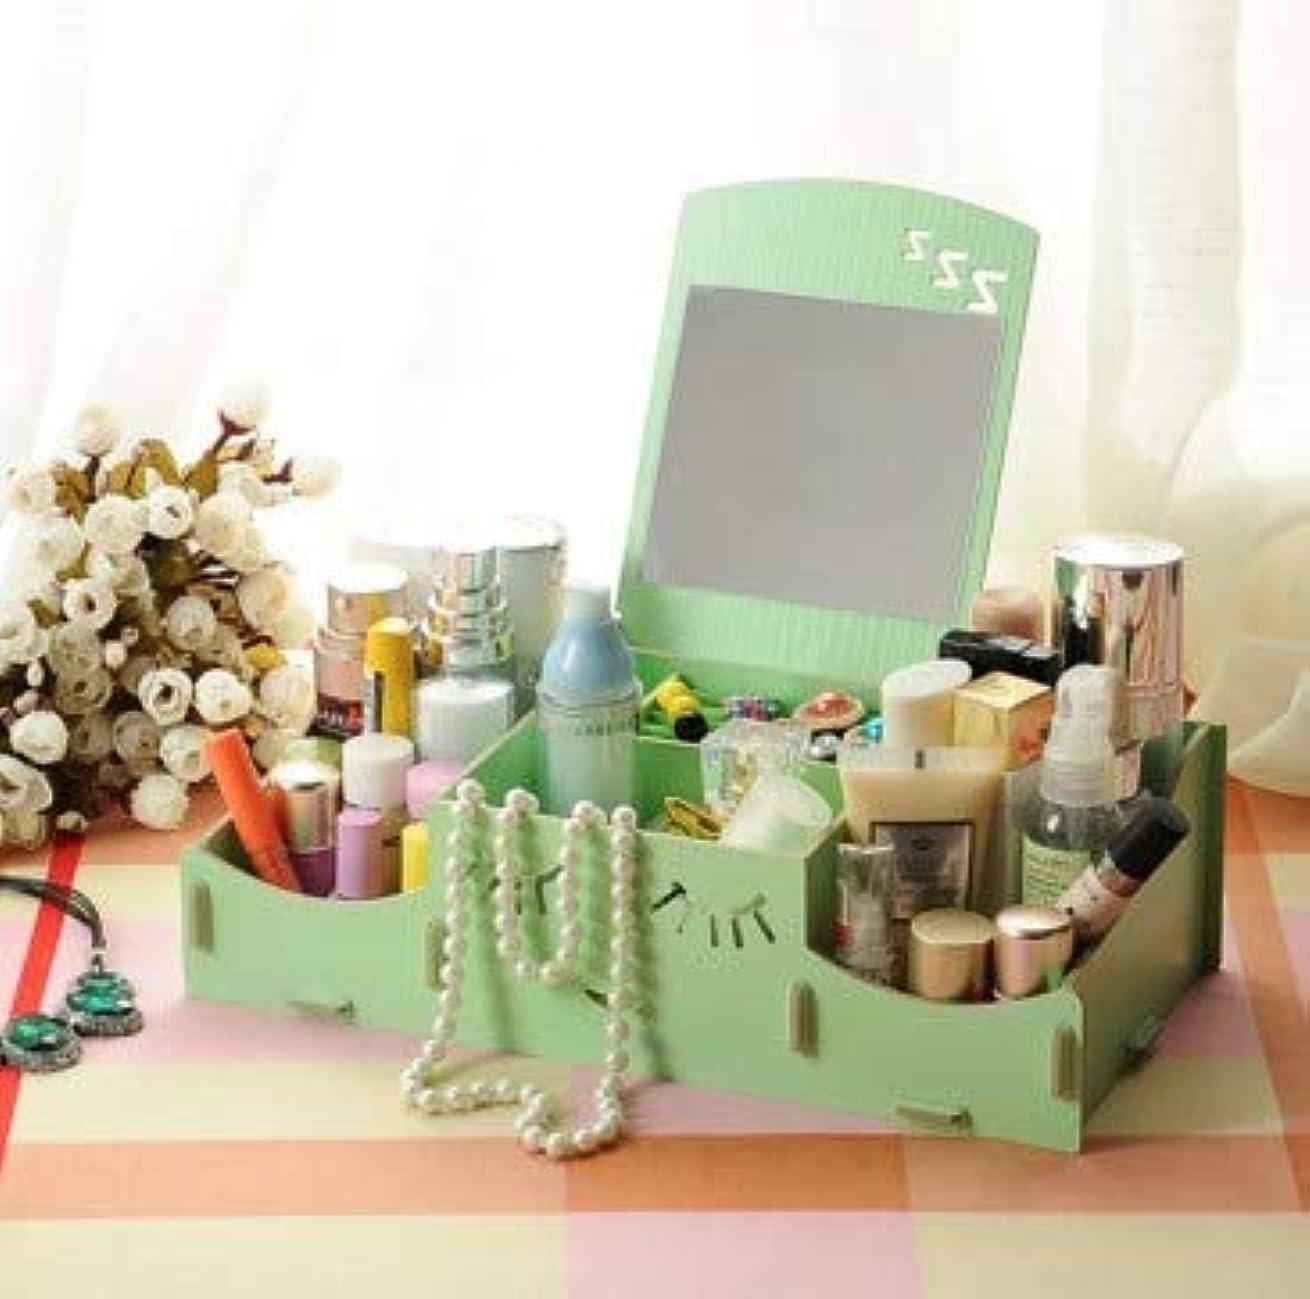 カメ特徴づける子羊スマイリー木製クリエイティブ収納ボックス手作りデスクトップミラー化粧品収納ボックス化粧品収納ボックス (Color : グリンー)